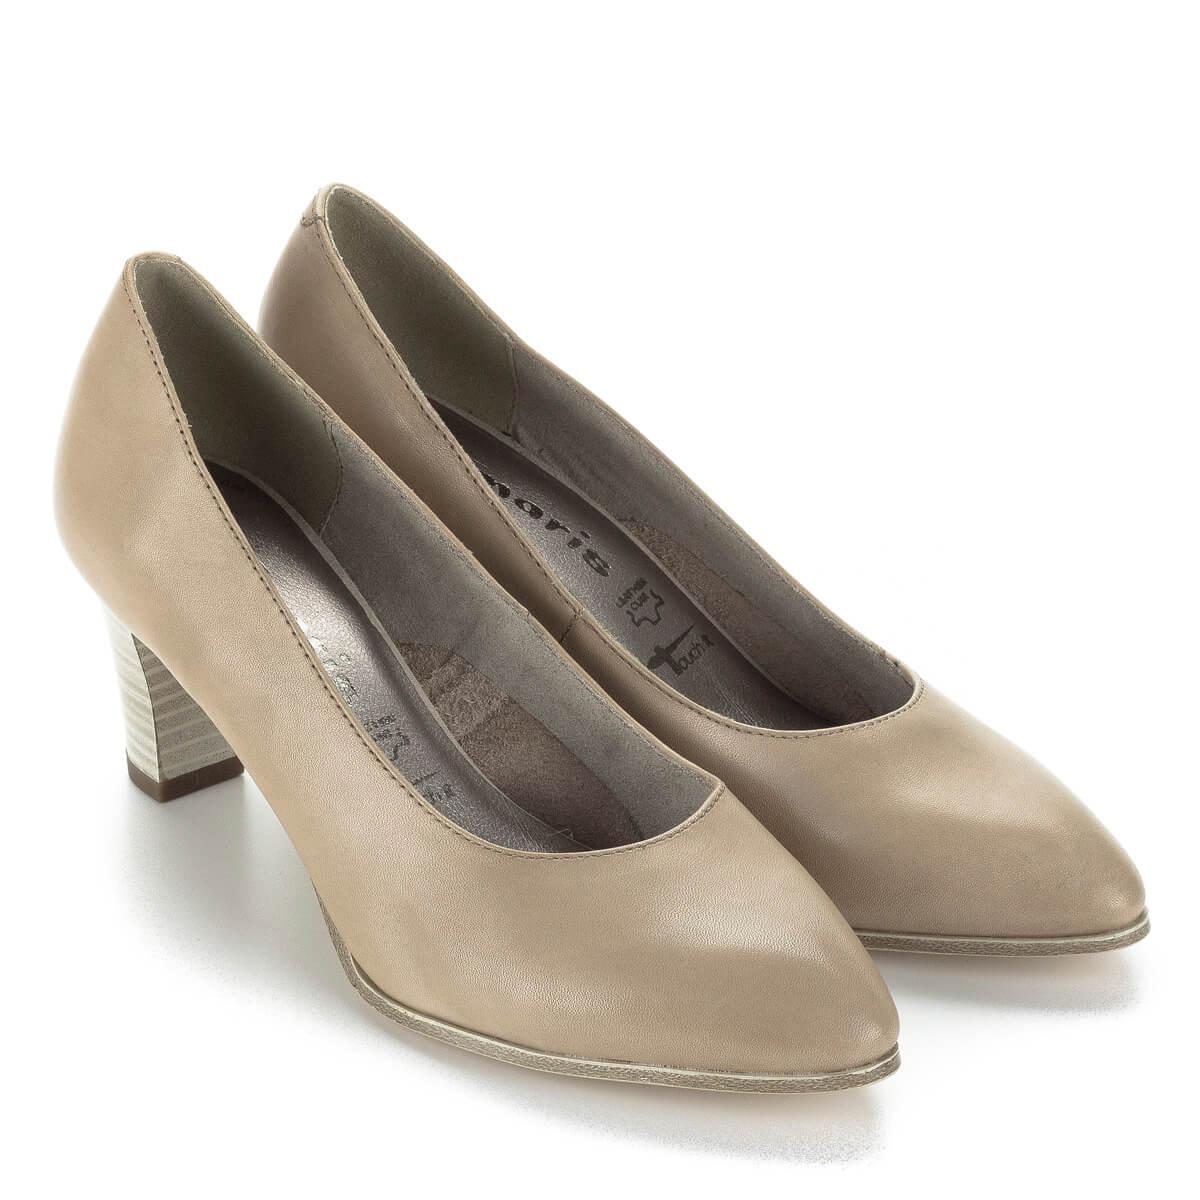 6b9660602d Tamaris magassarkú cipő 6,5 cm magas AntiShokk sarokkal, világos színben.